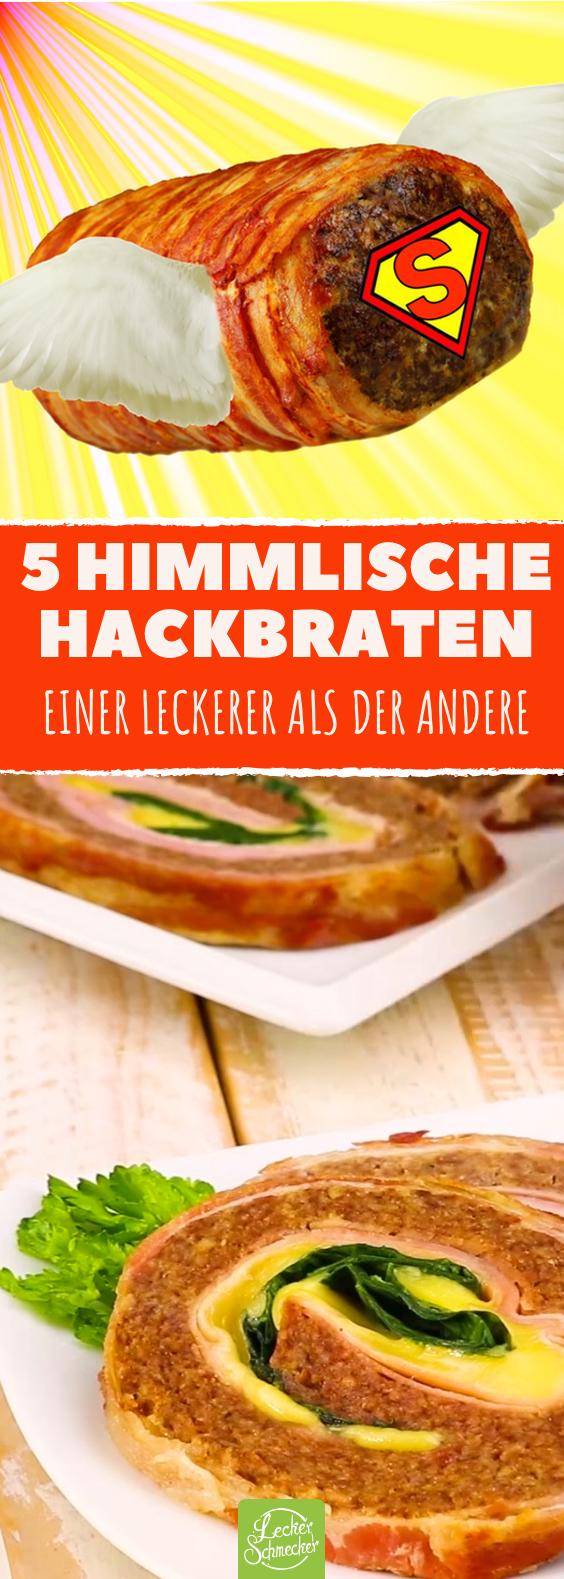 5 Hackbraten-Rezepte: so gut, dass sie verboten gehören!